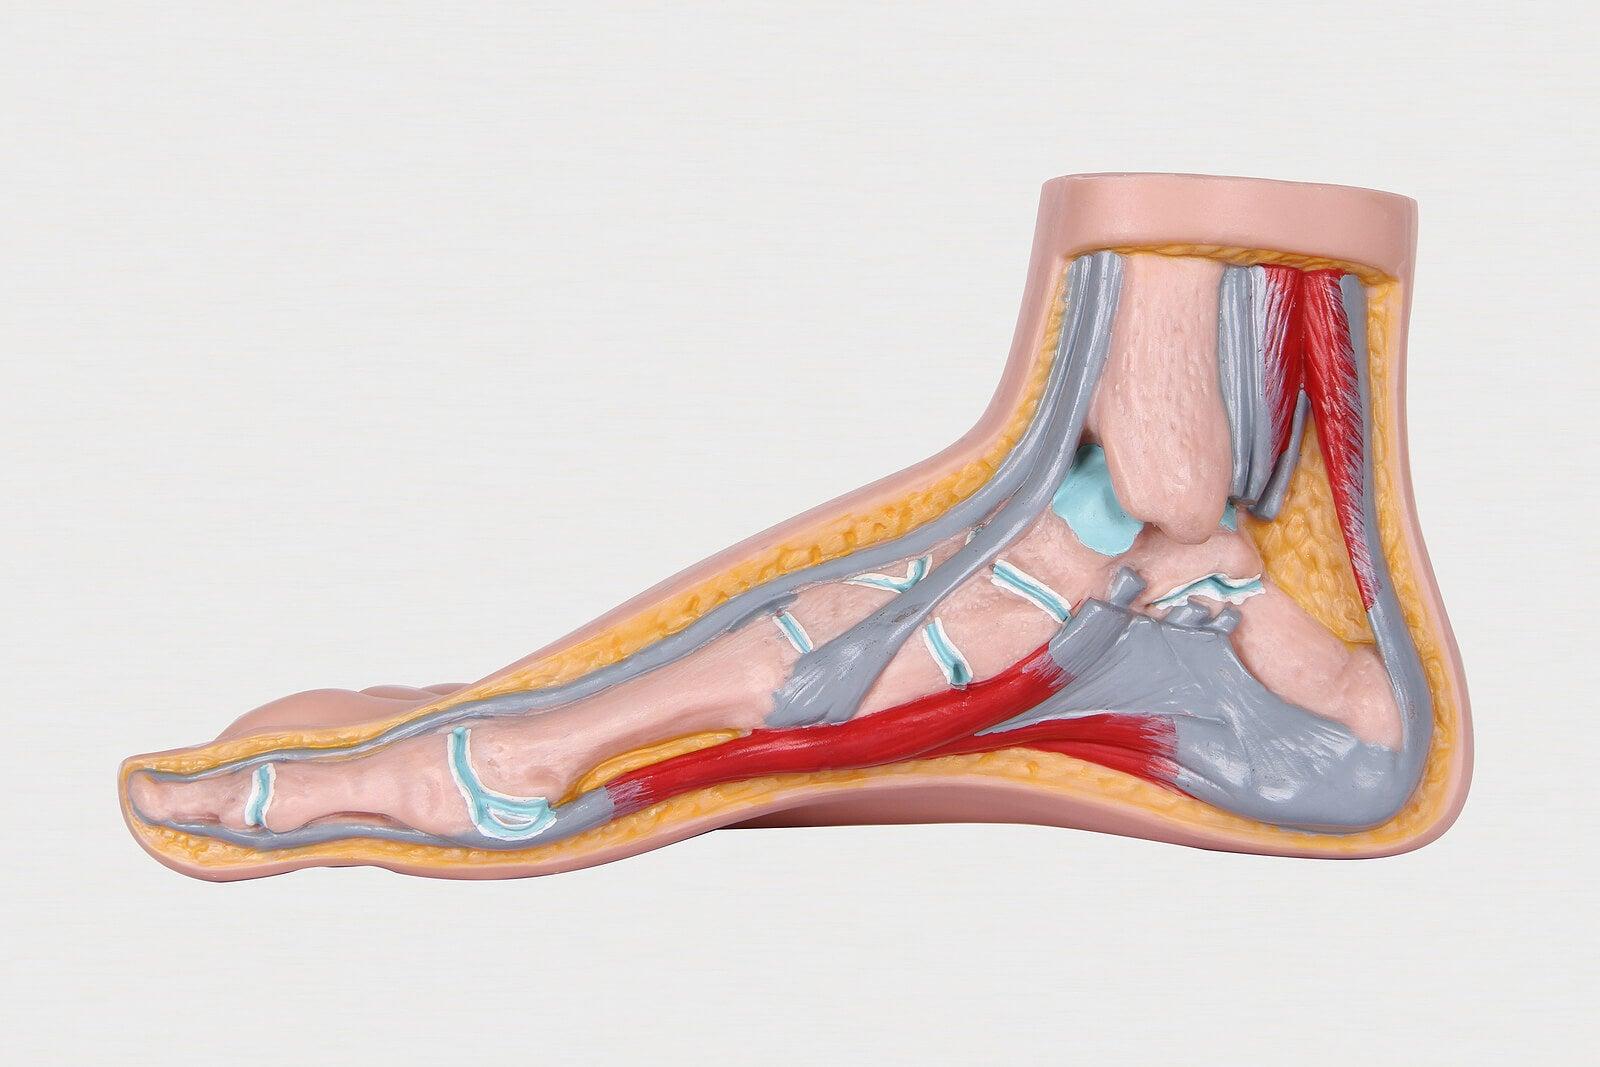 Anatomía del pie.